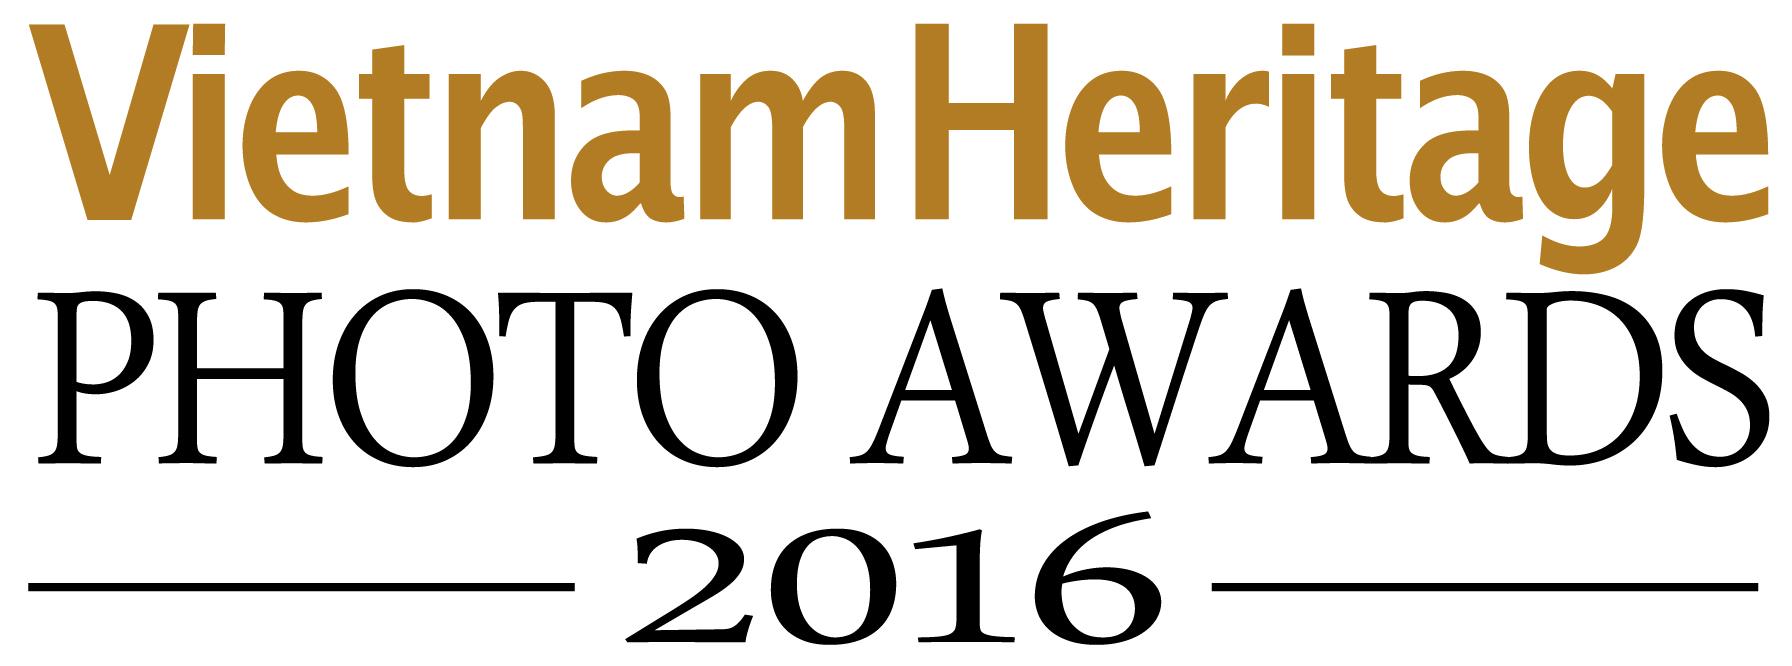 Vietnam Heritage Photo Awards